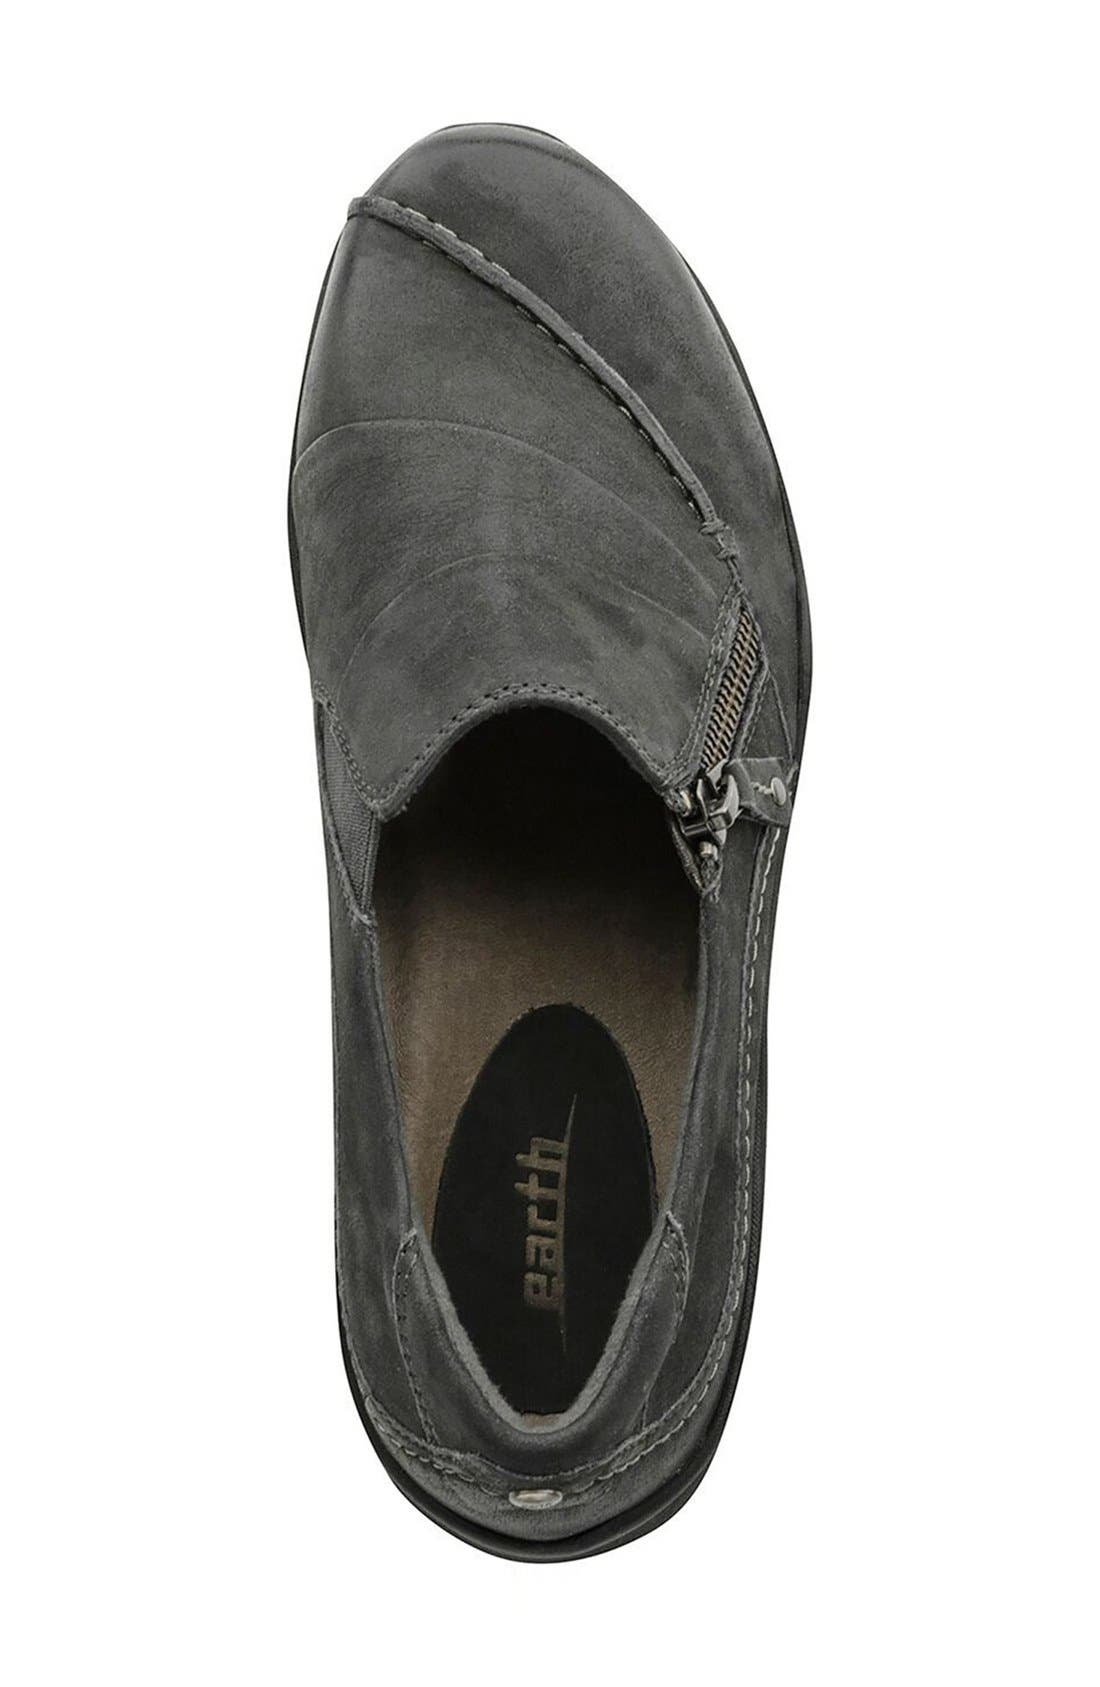 Alternate Image 3  - Earth® 'Anise' Slip-On Sneaker (Women)